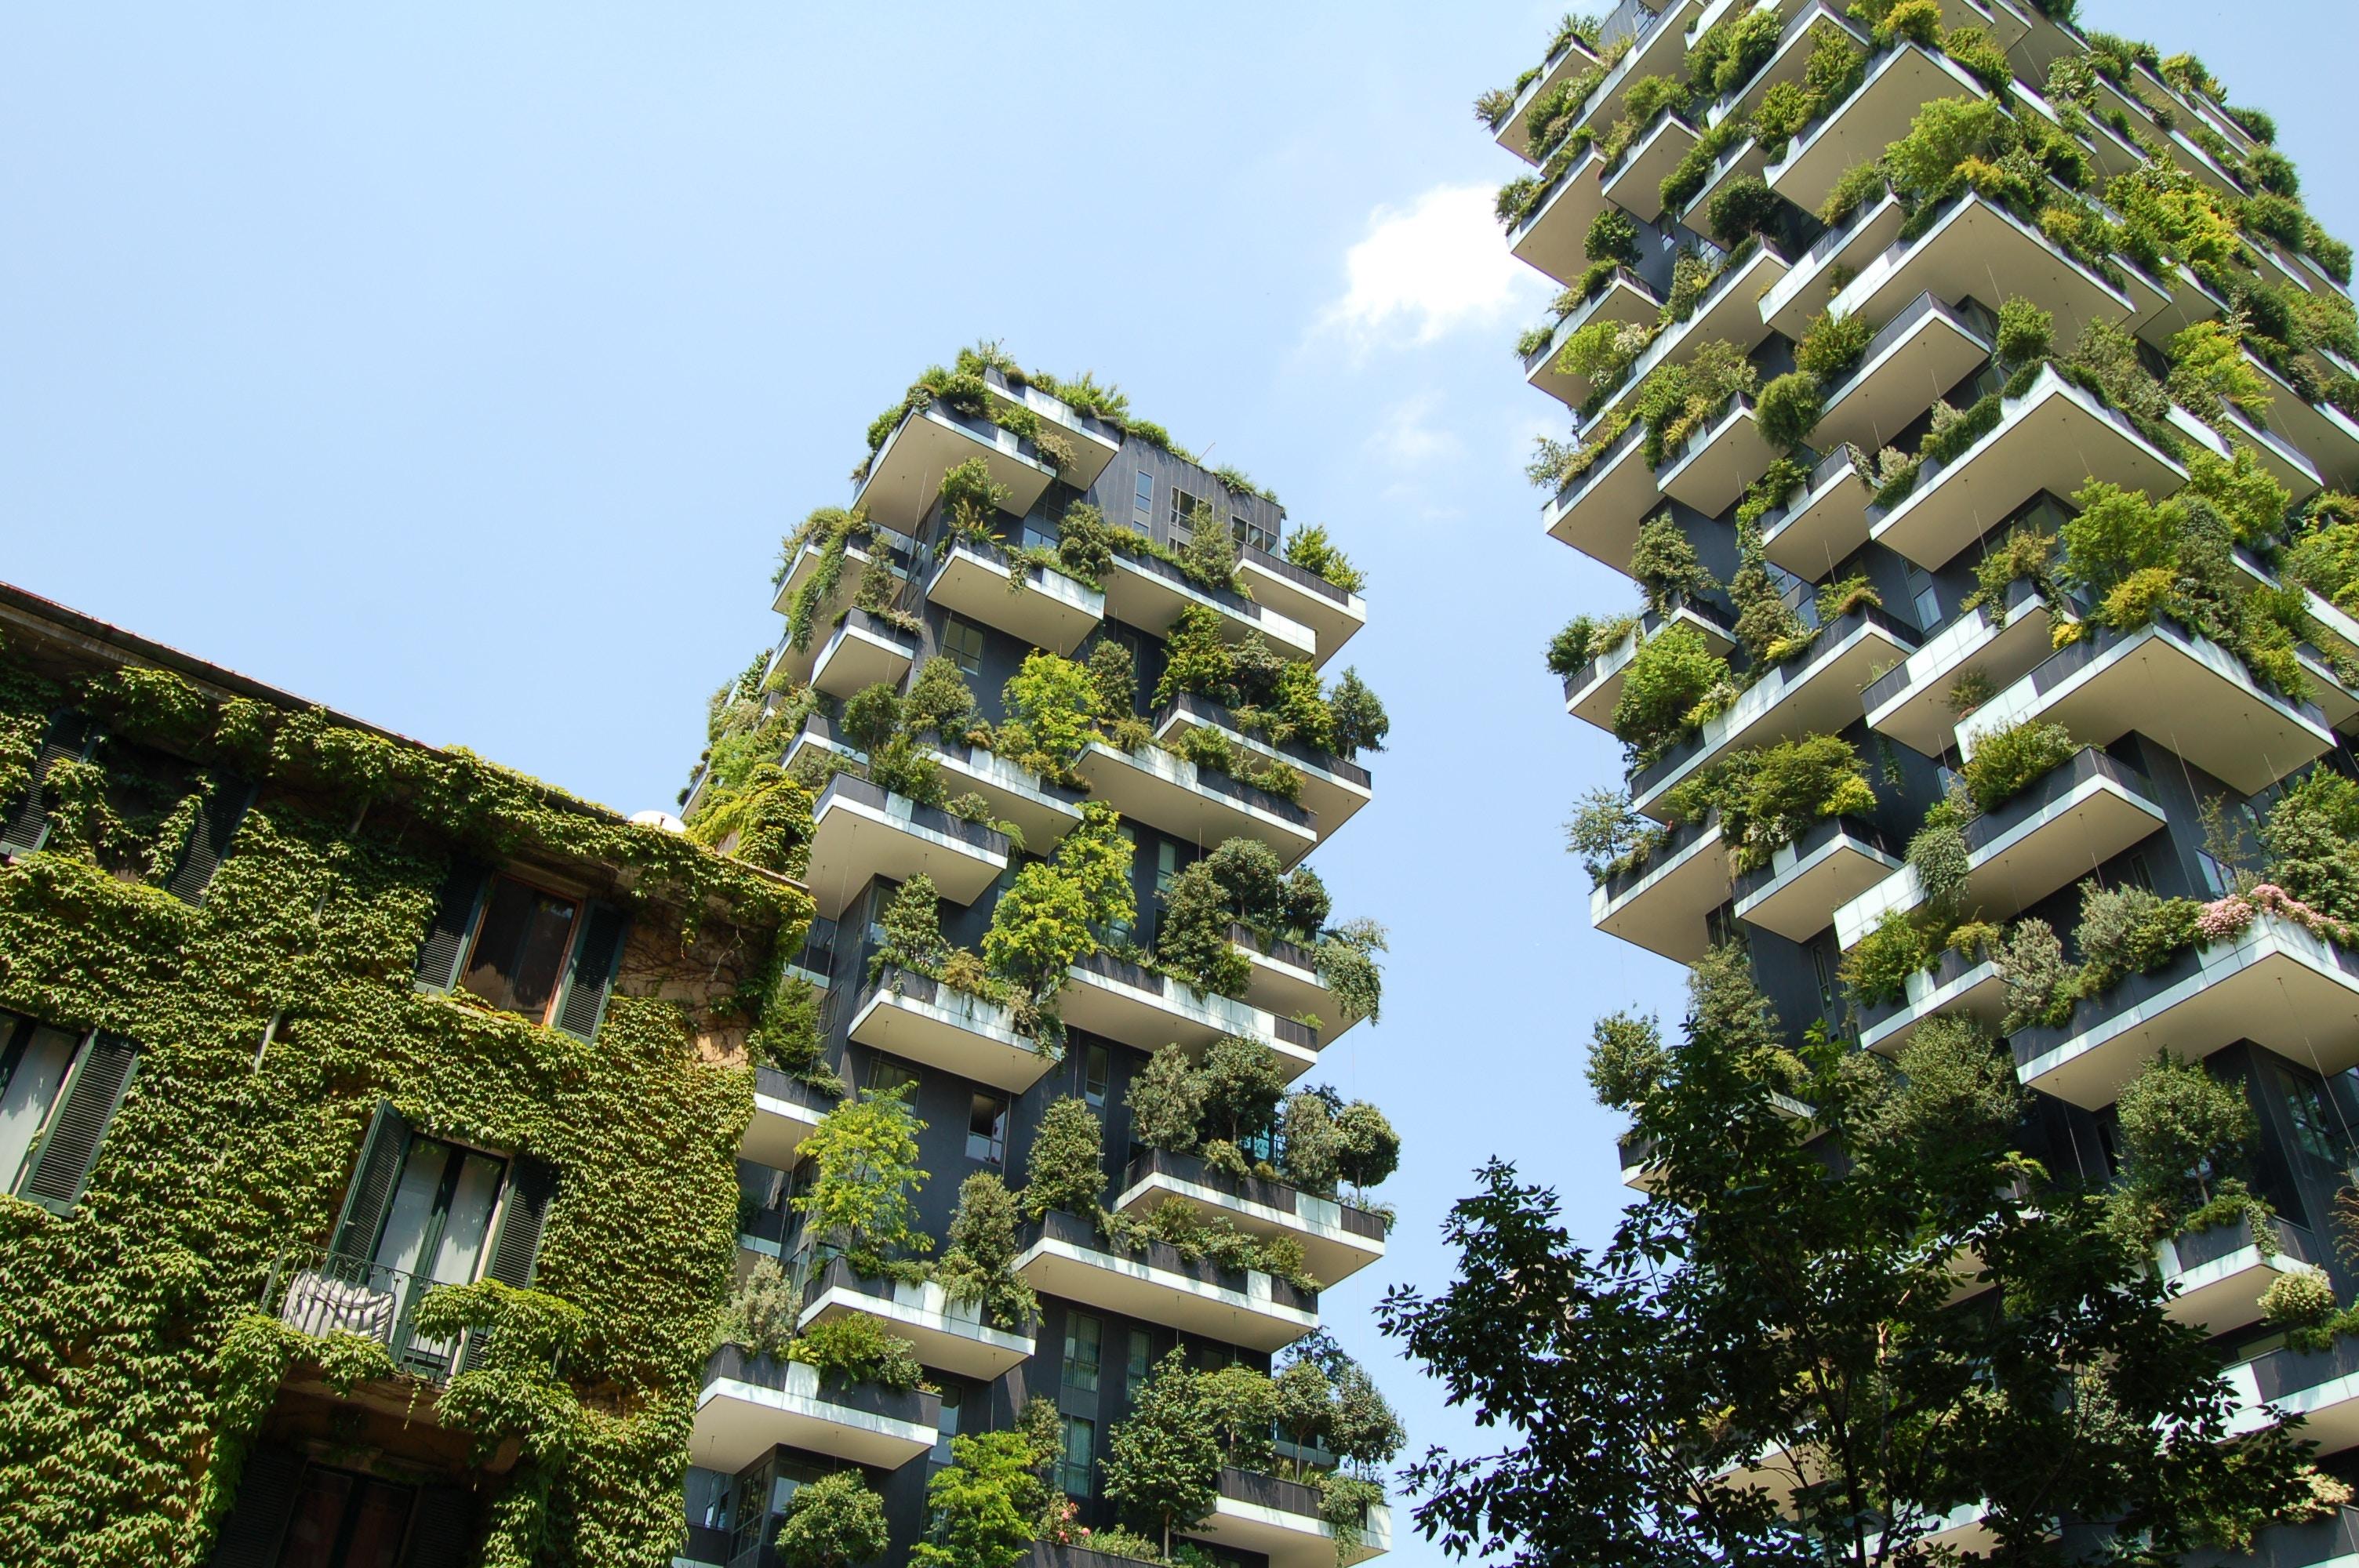 sostenibilidad-zonas verdes-residuos